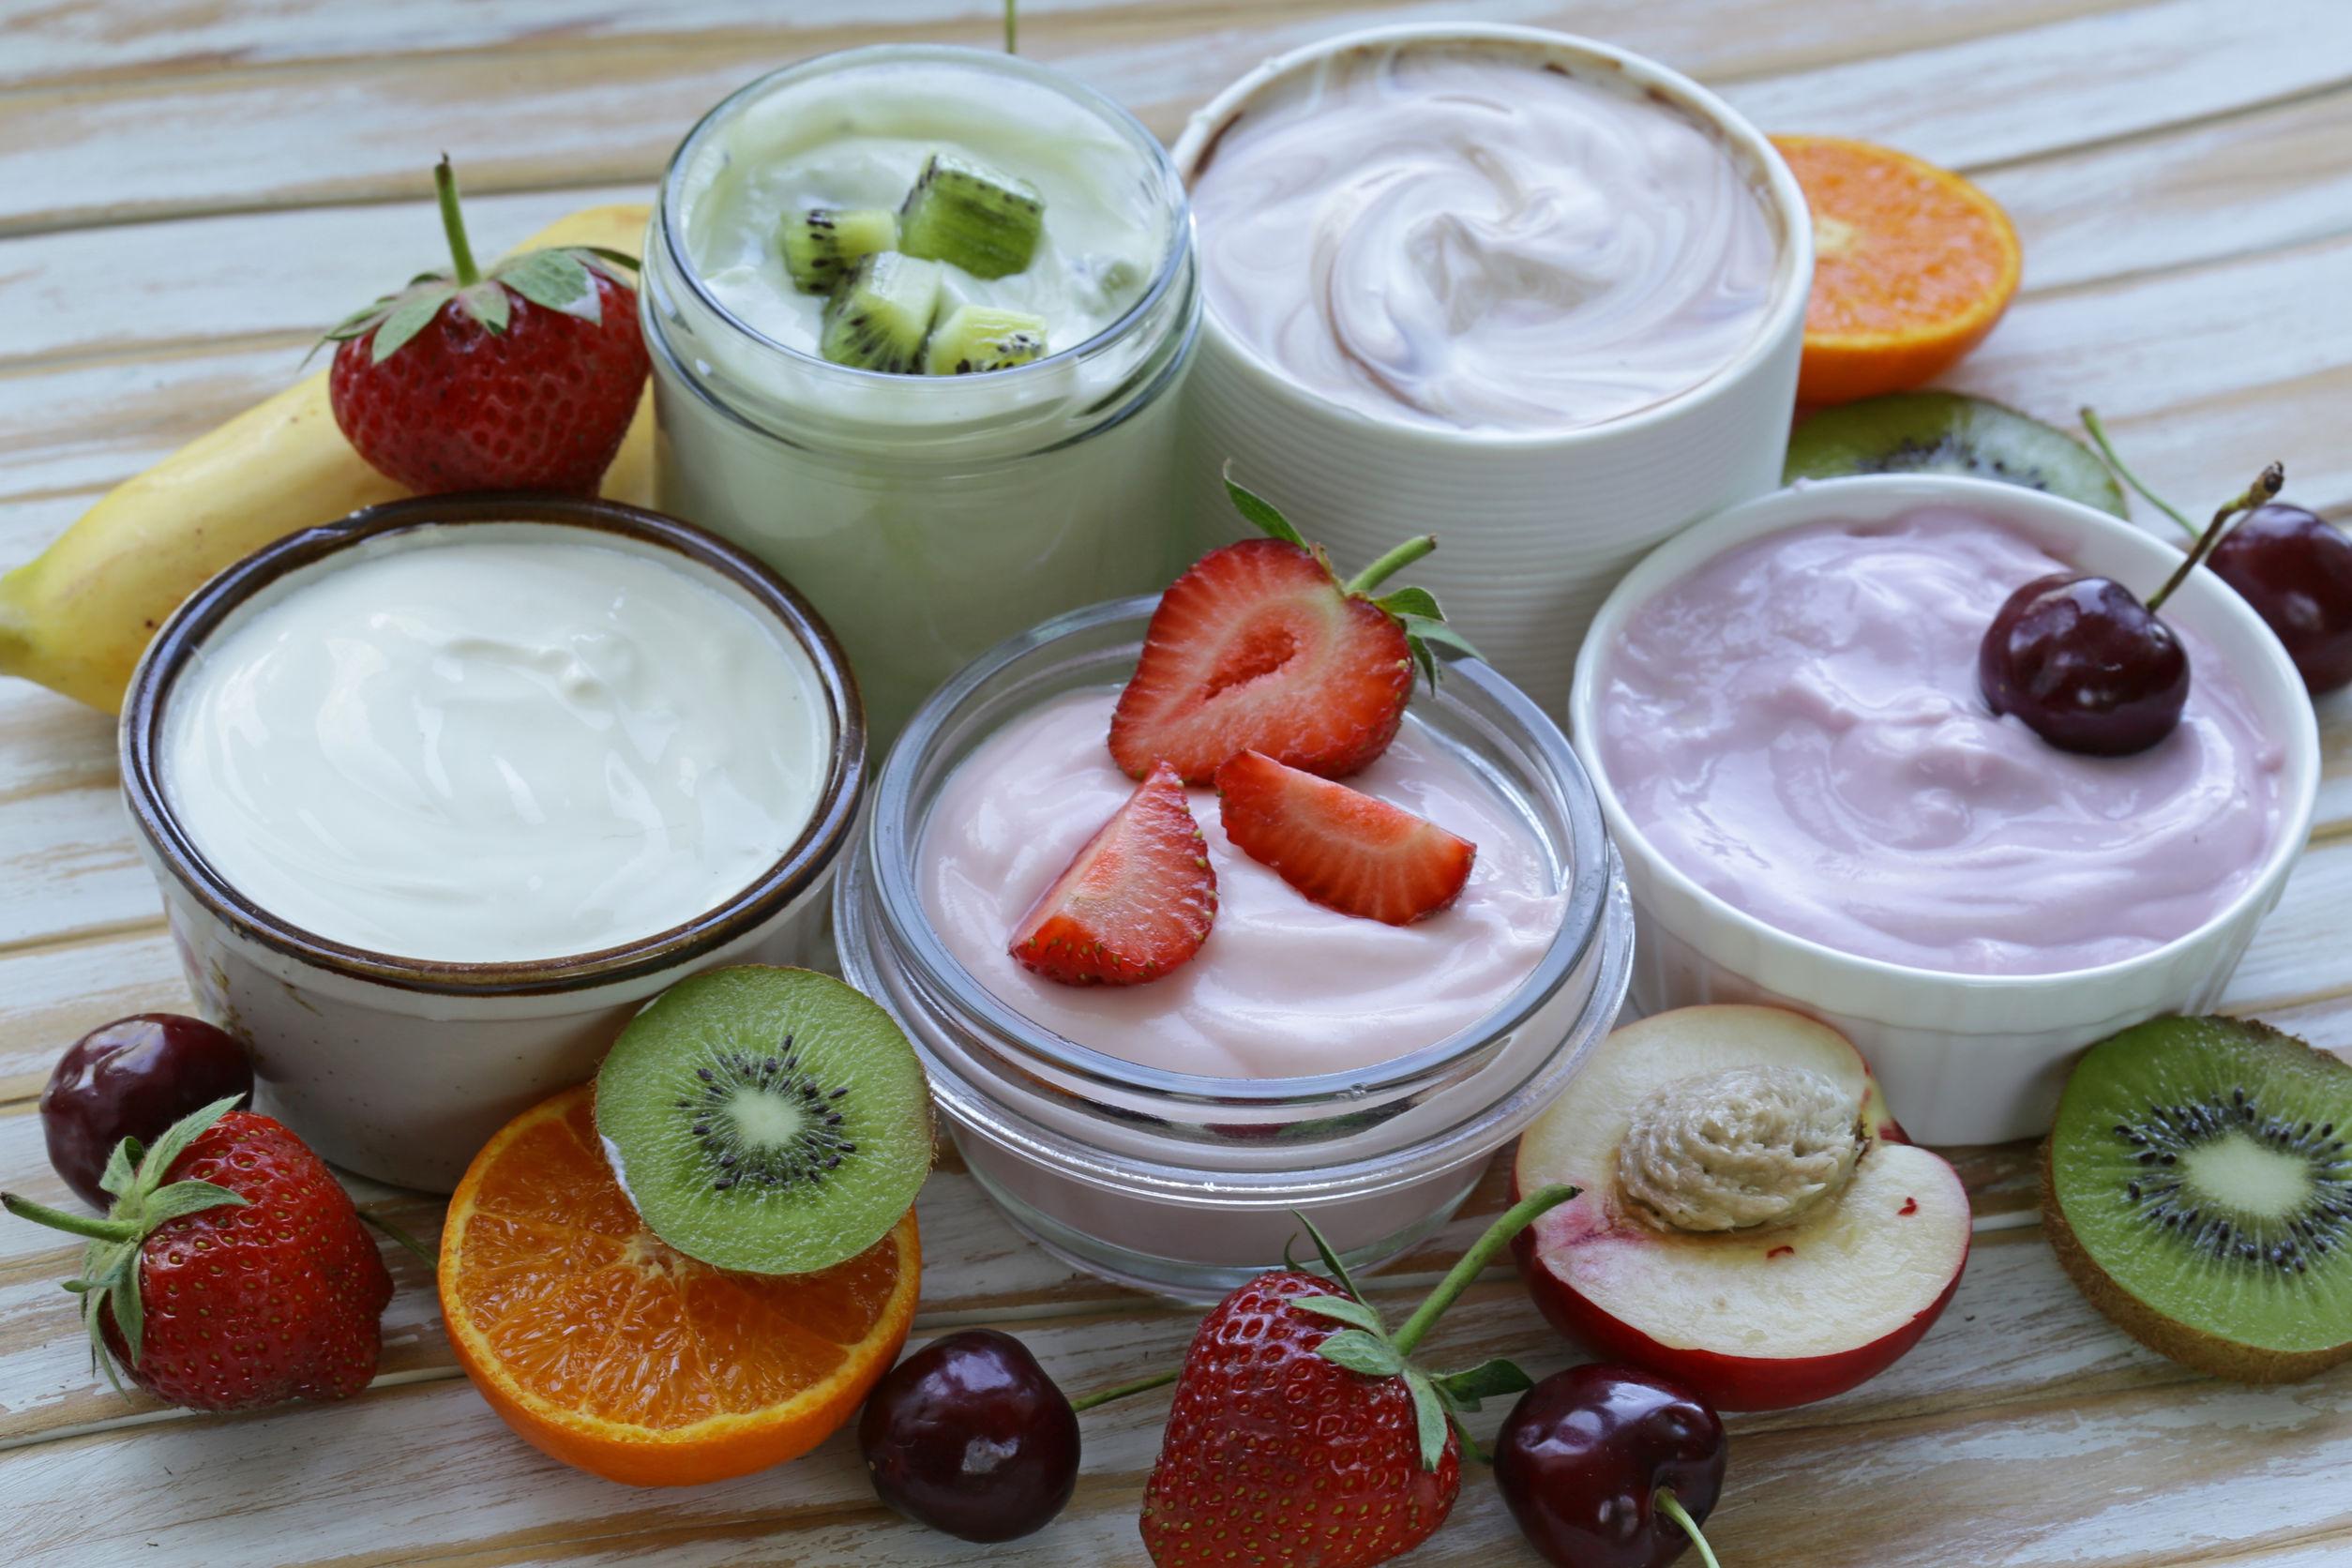 Probiotiques bienfaits : 5 propriétés indispensables pour la santé